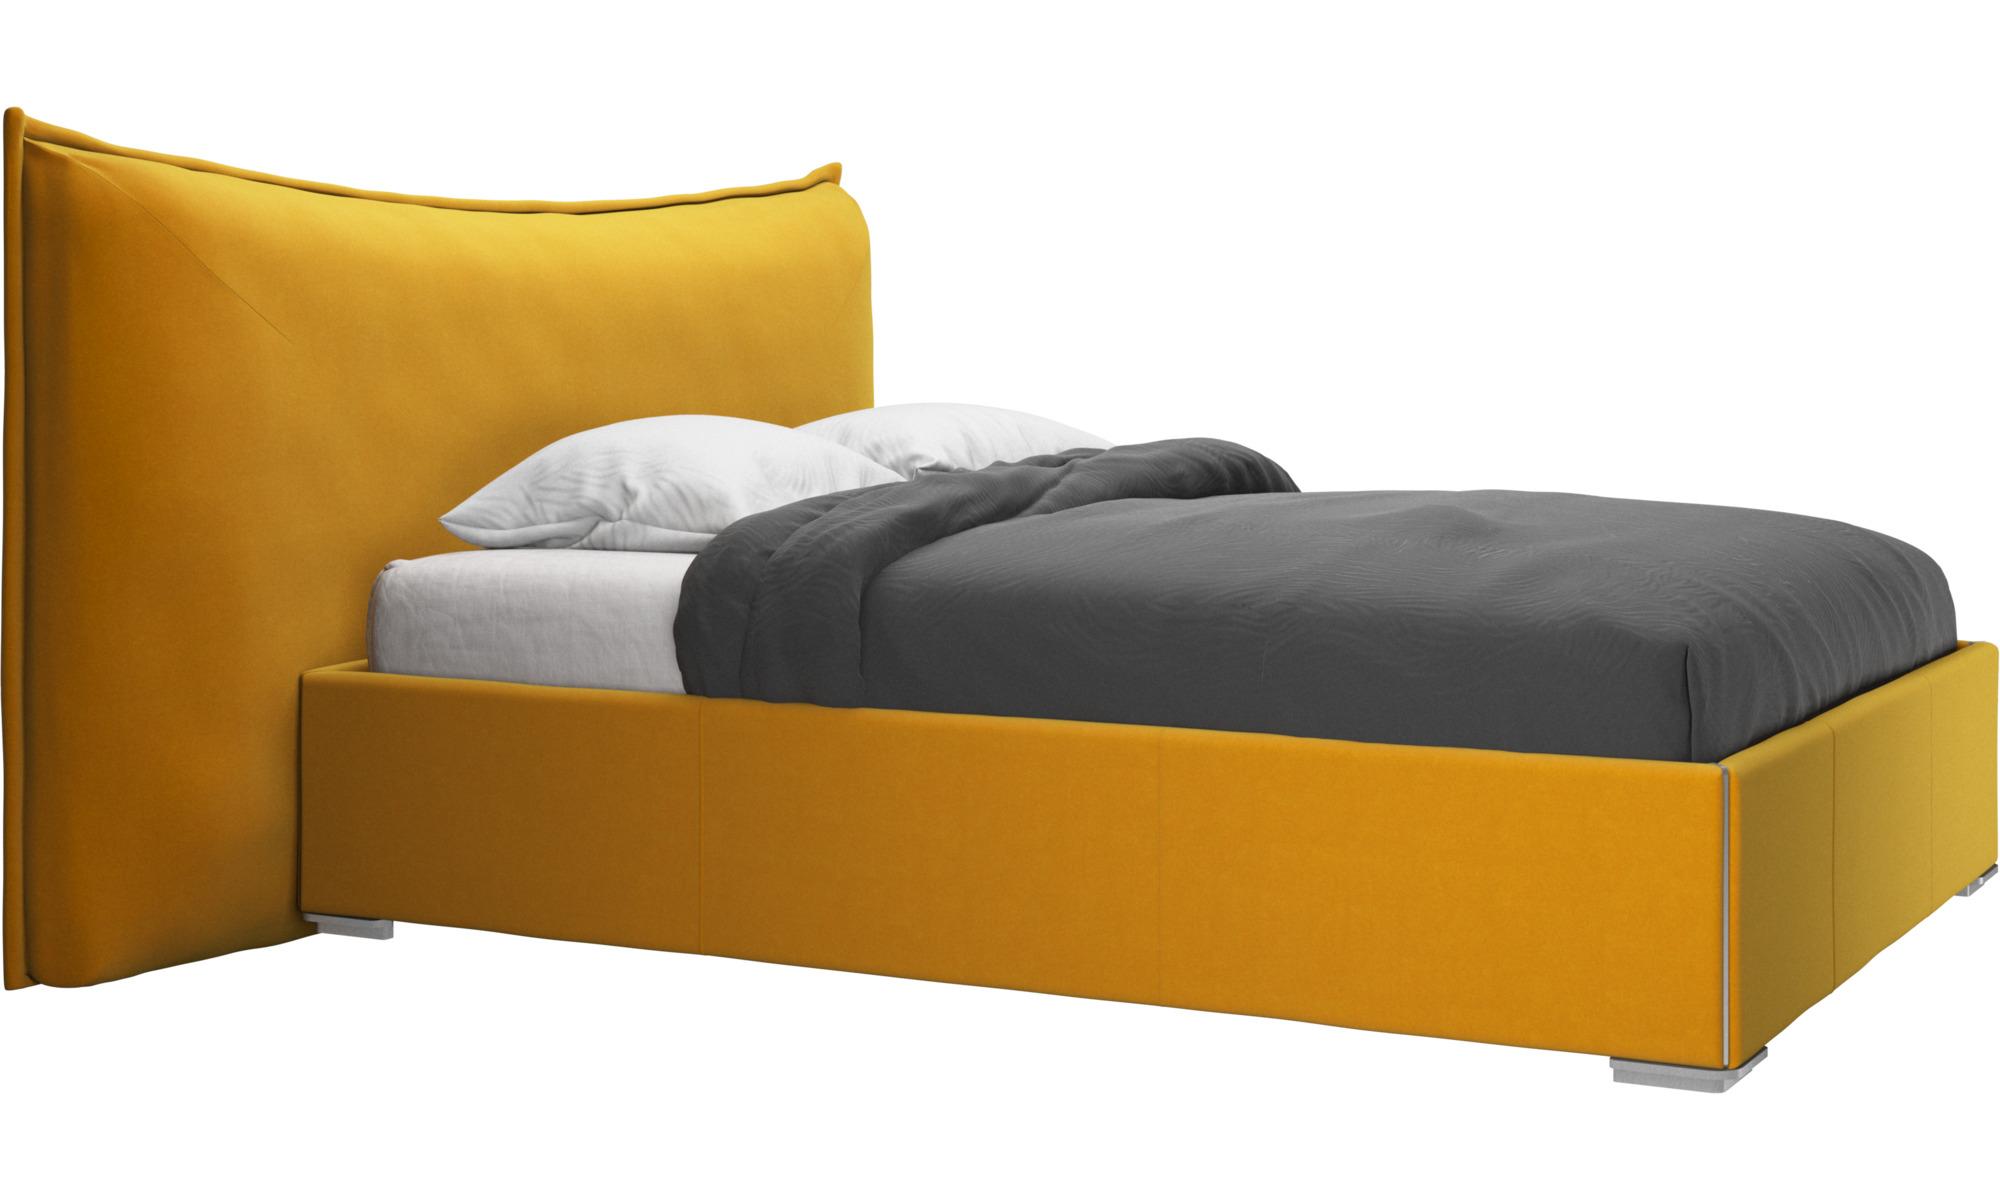 Camas - Cama Gent, no incluye colchón - Naranja - Tela